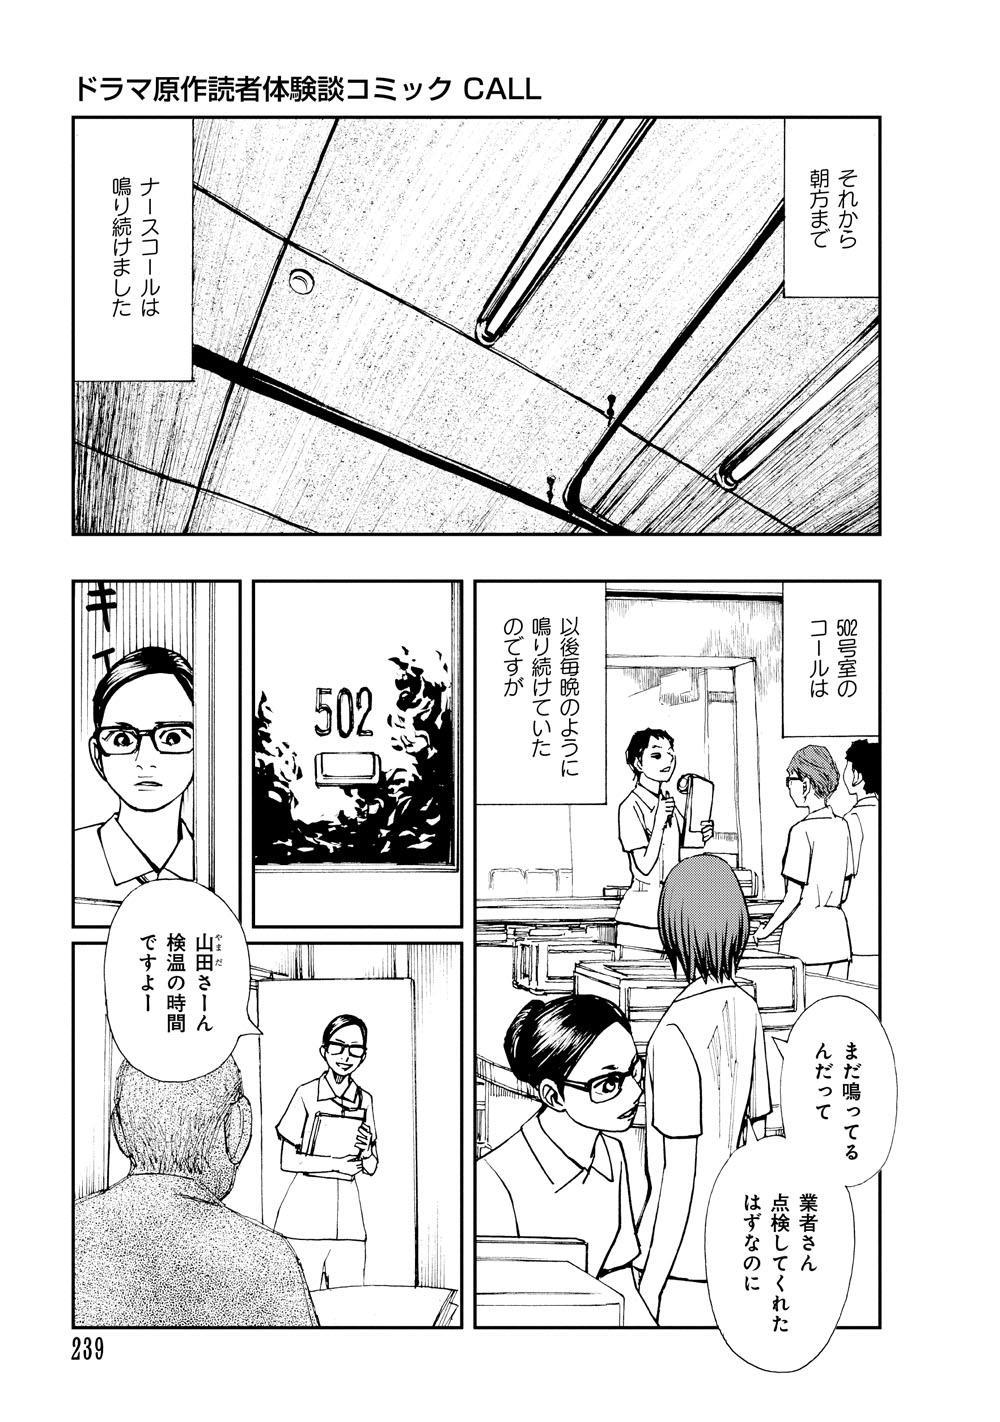 テレビ版_ほん怖_239.jpg